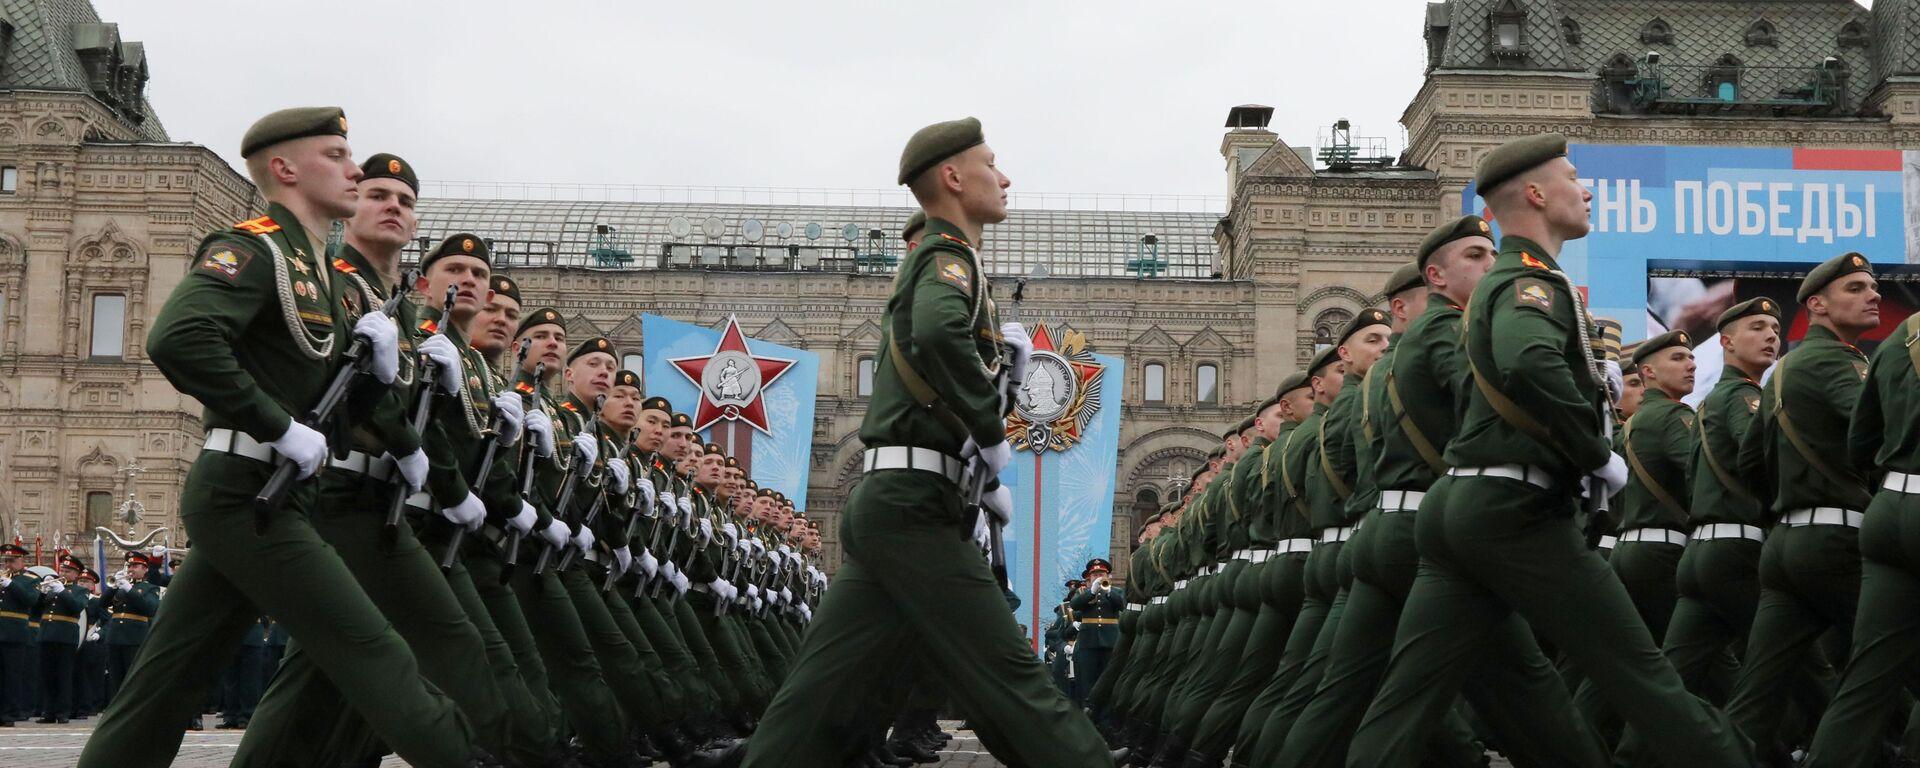 Vojna parada u Rusiji  - Sputnik Srbija, 1920, 08.09.2021